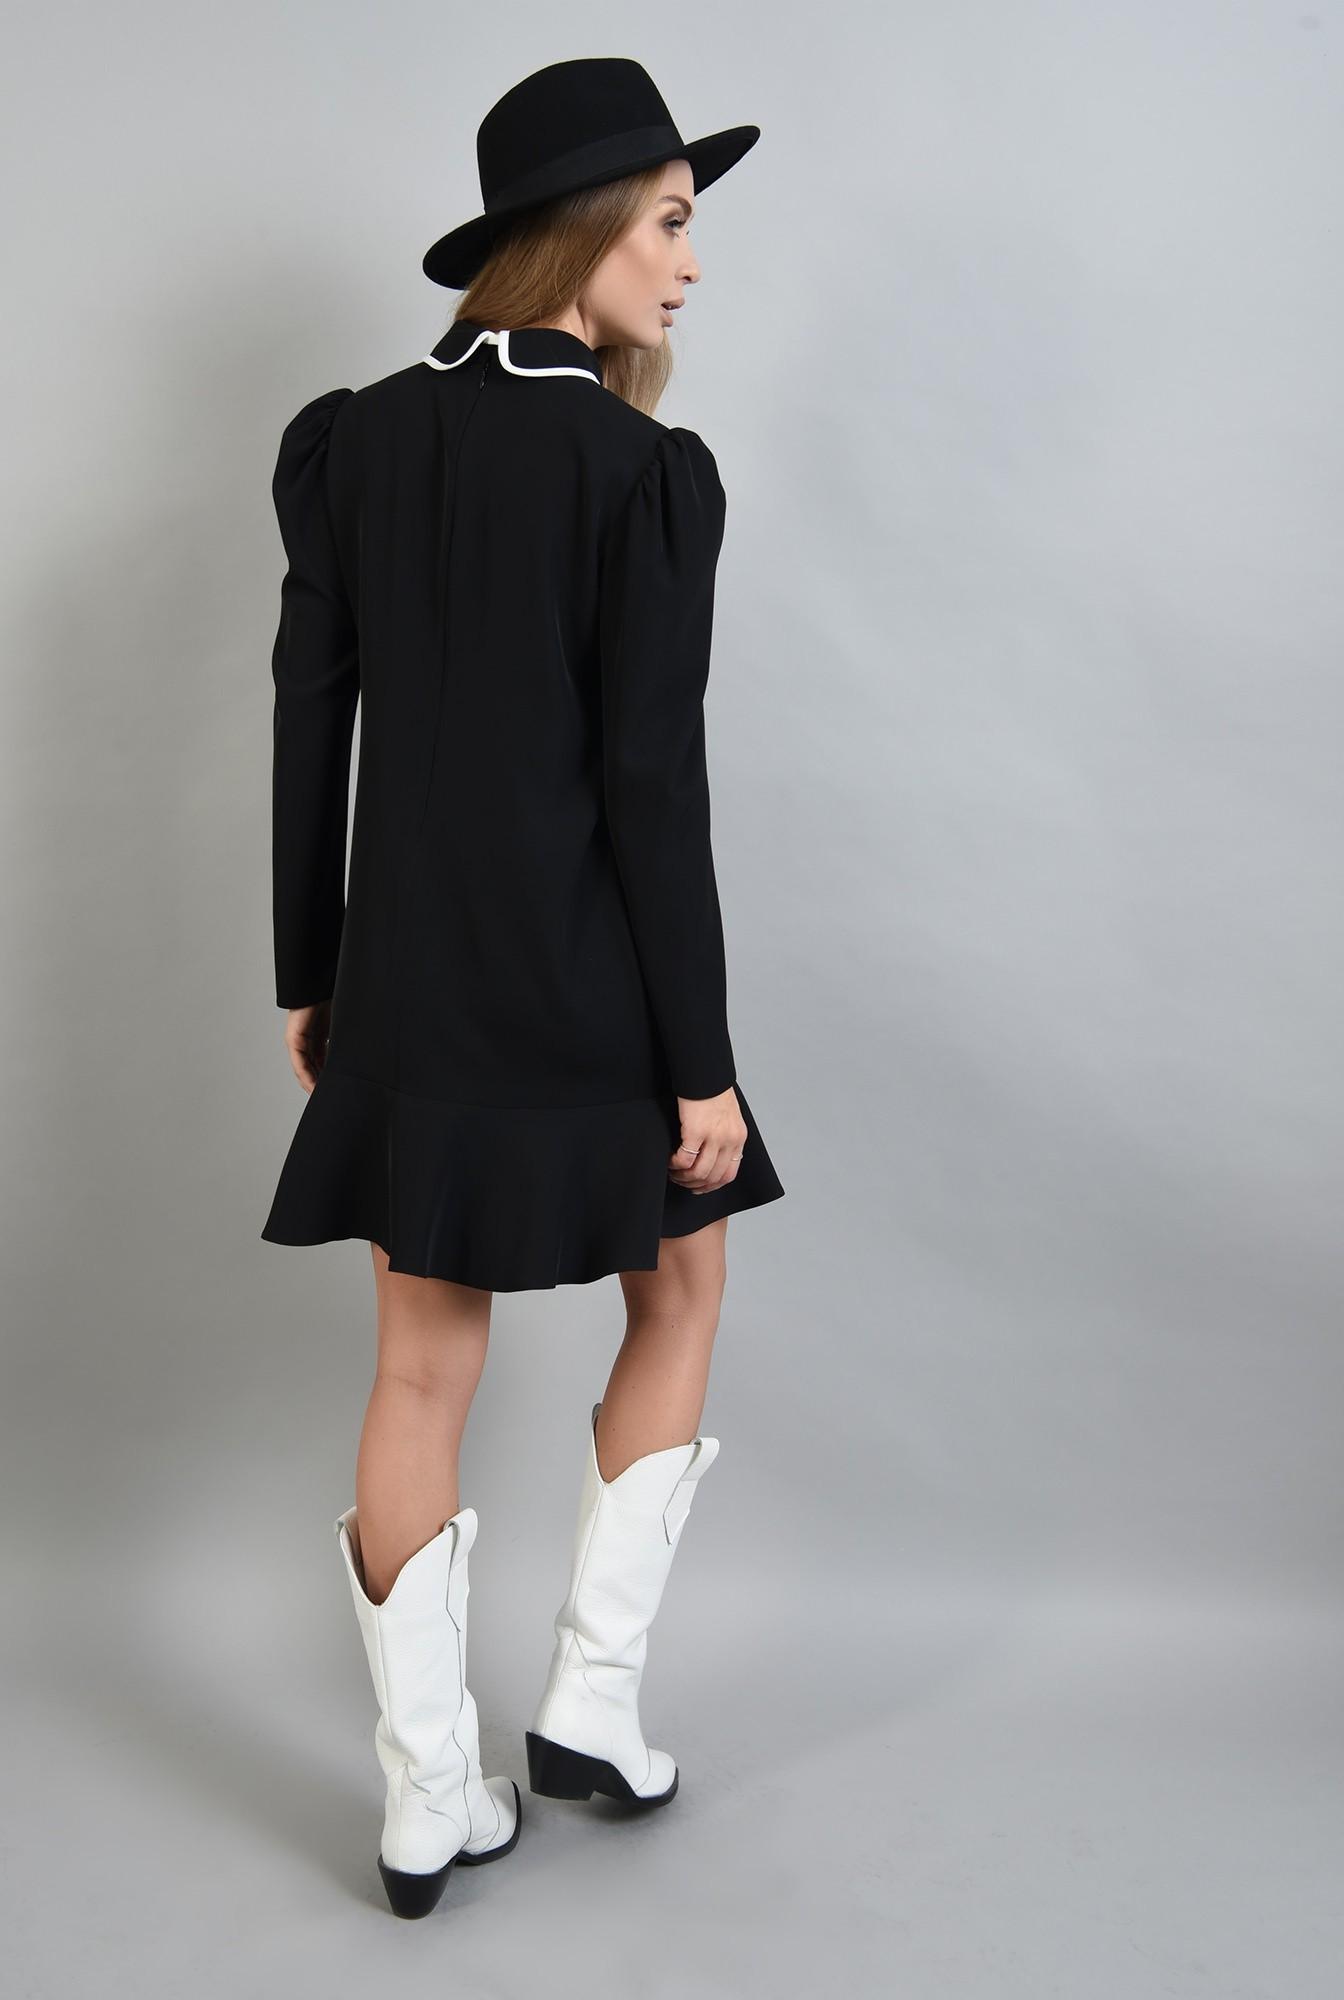 1 - rochie neagra, cu maneca lunga, cu funda alba